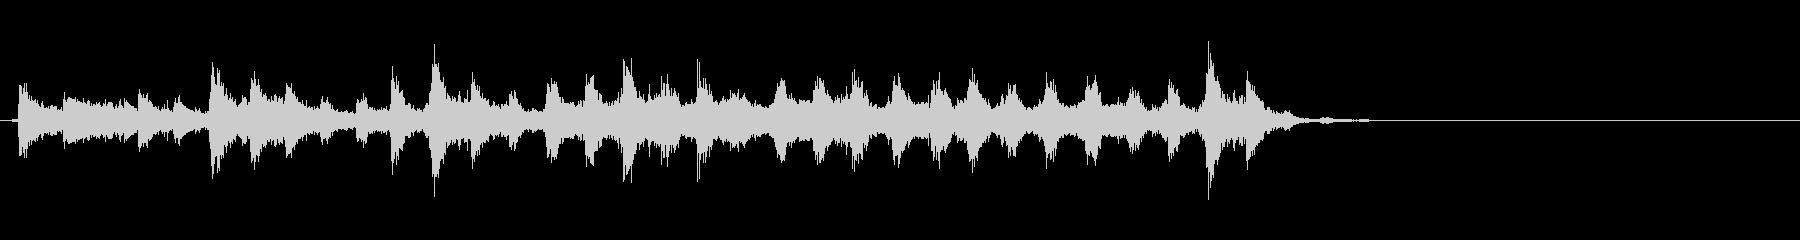 『チャッパ』和製シンバルのフレーズ2FXの未再生の波形